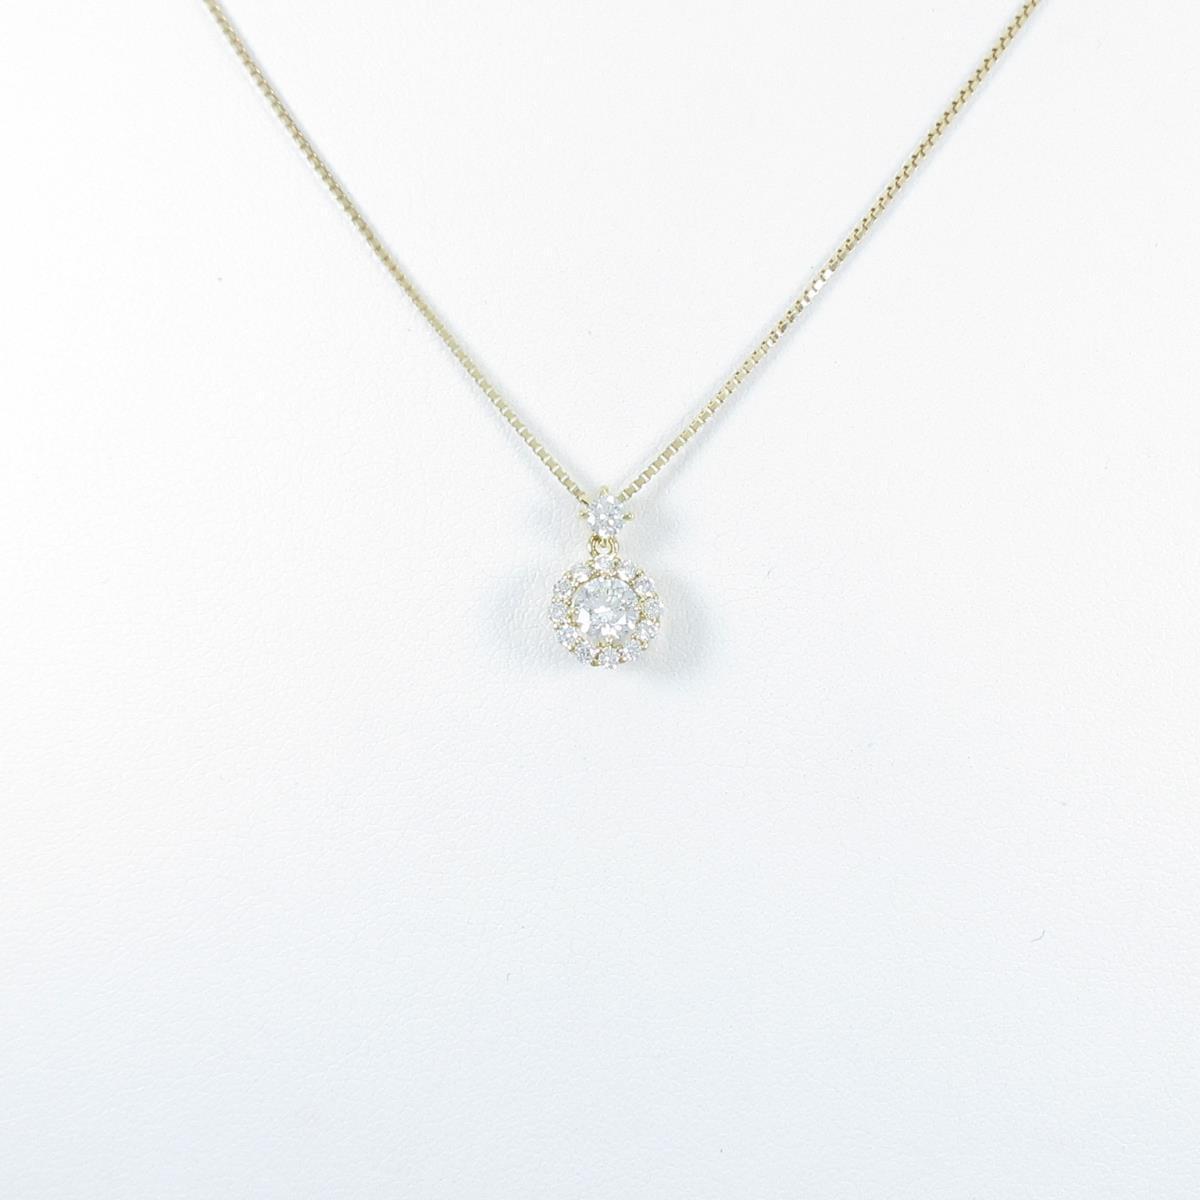 【新品】K18YG ダイヤモンドネックレス 0.266ct・F・SI2・GOOD【新品】